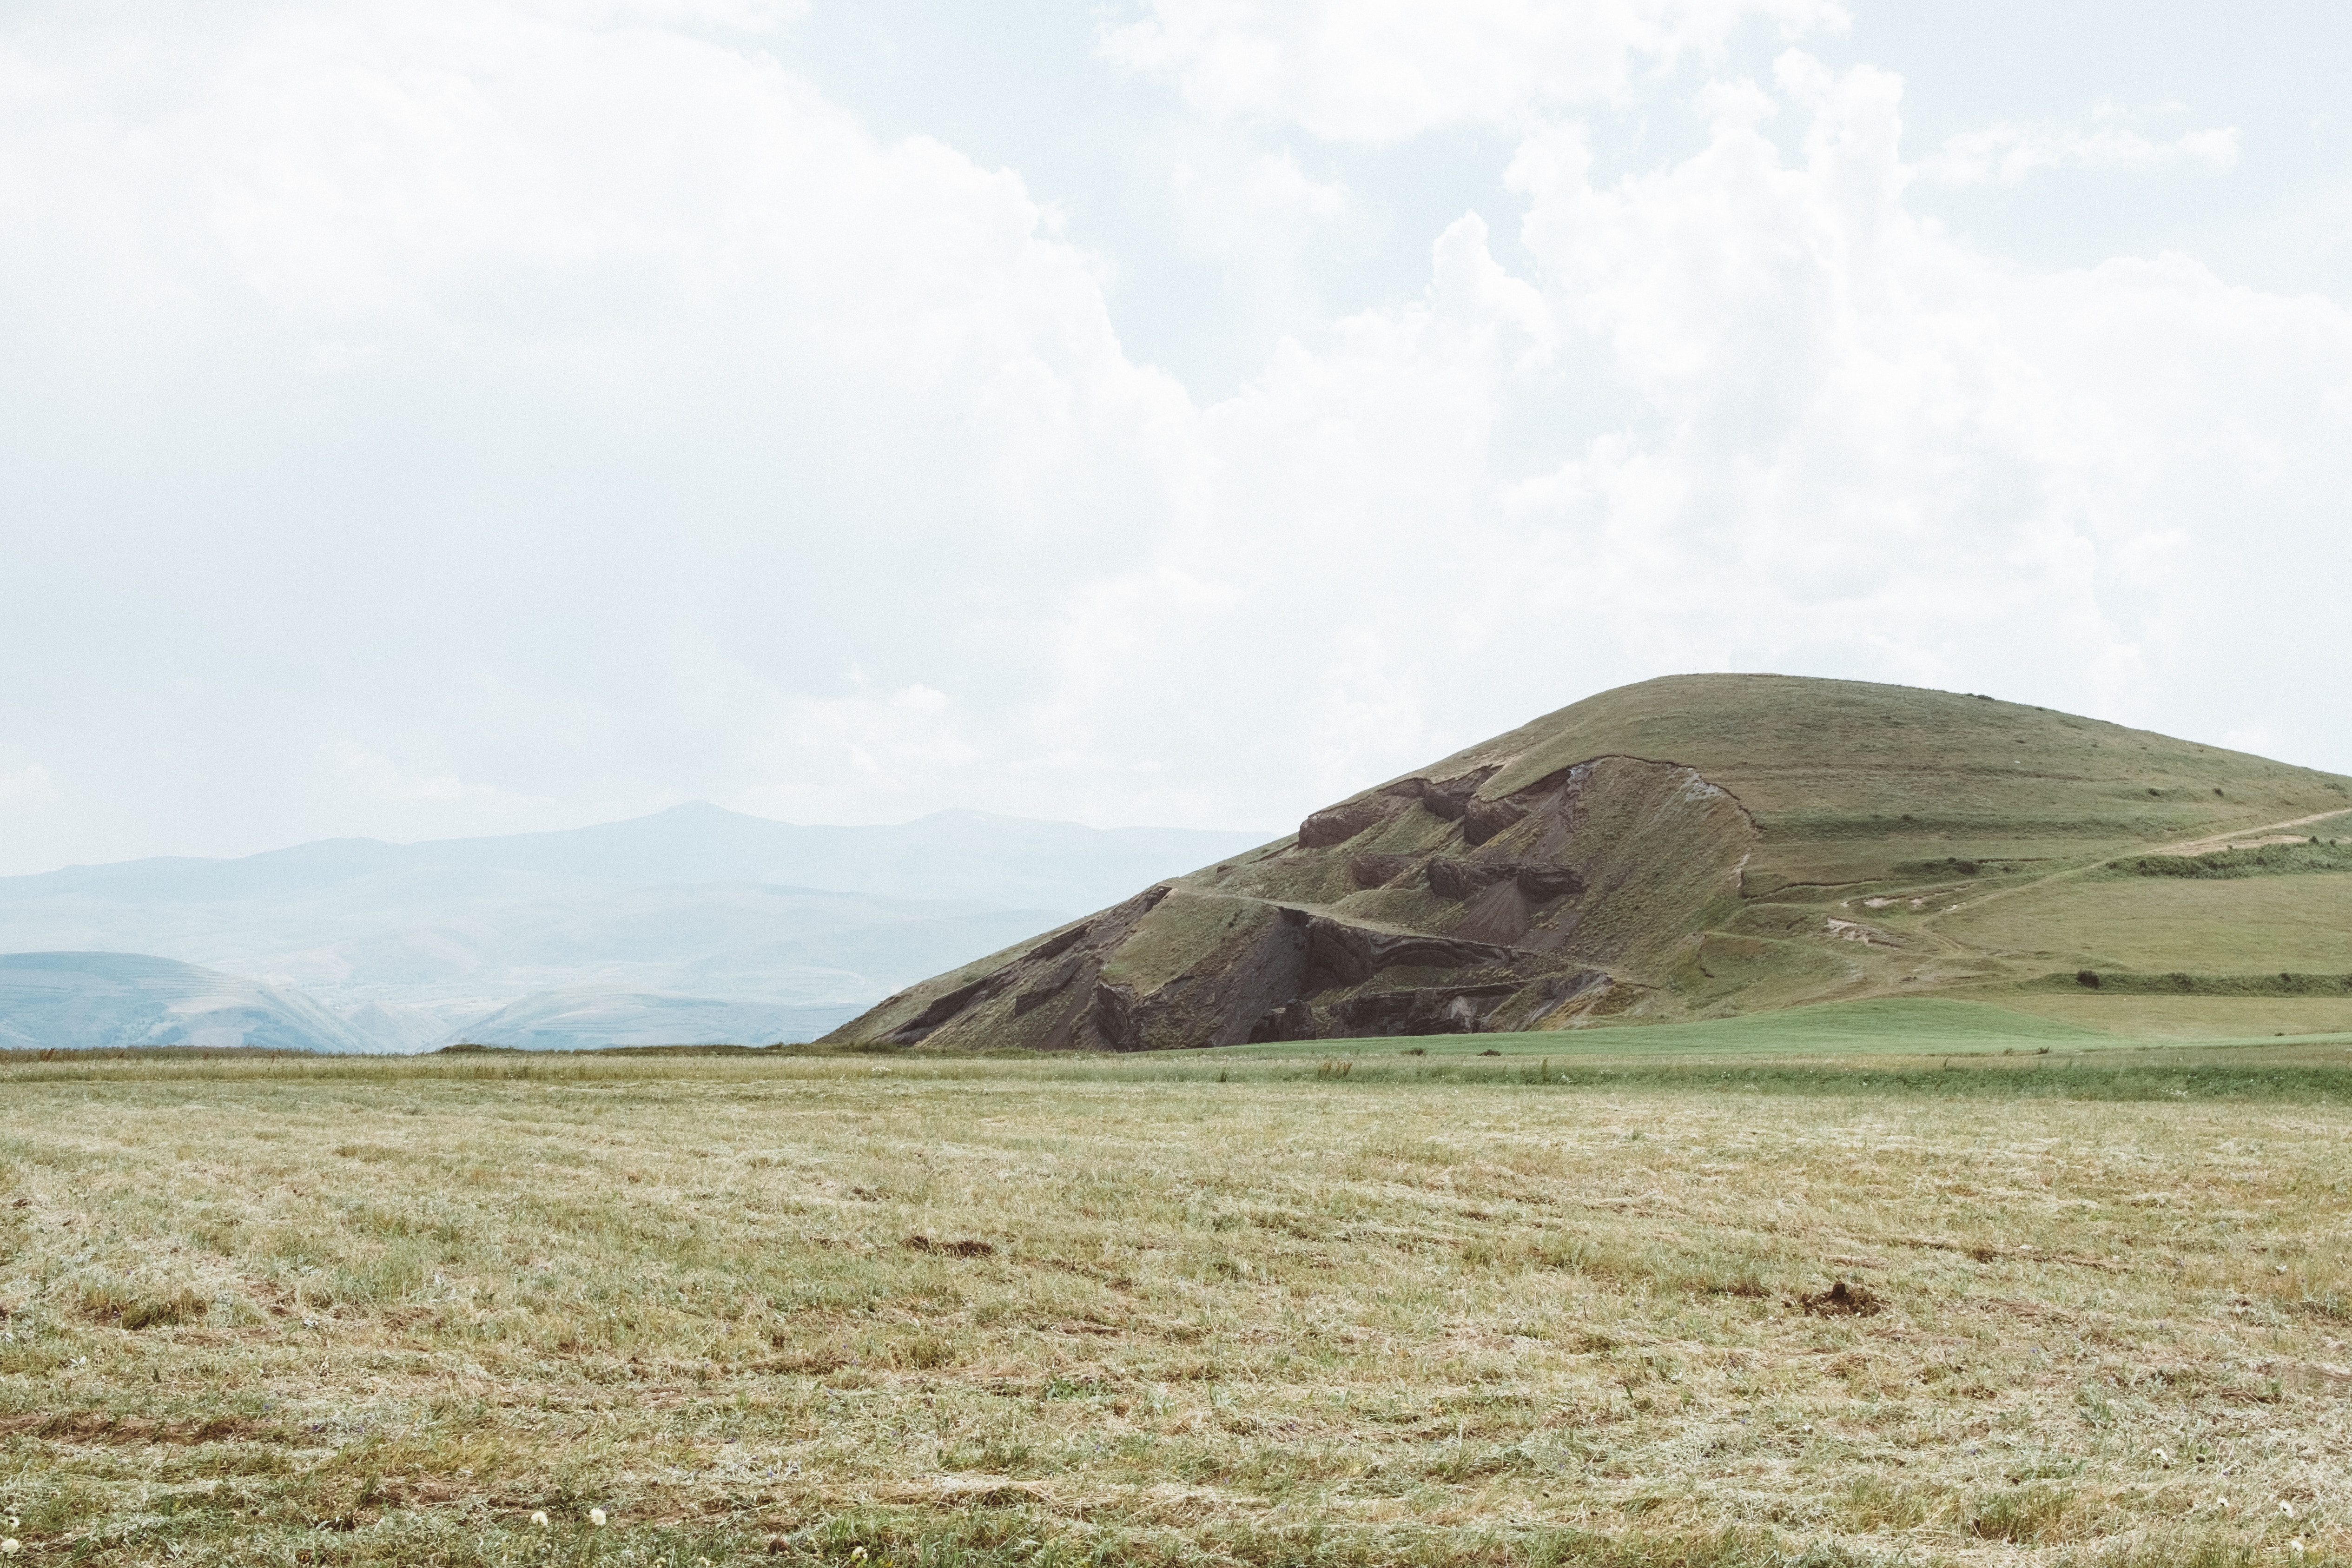 Arménie authentique